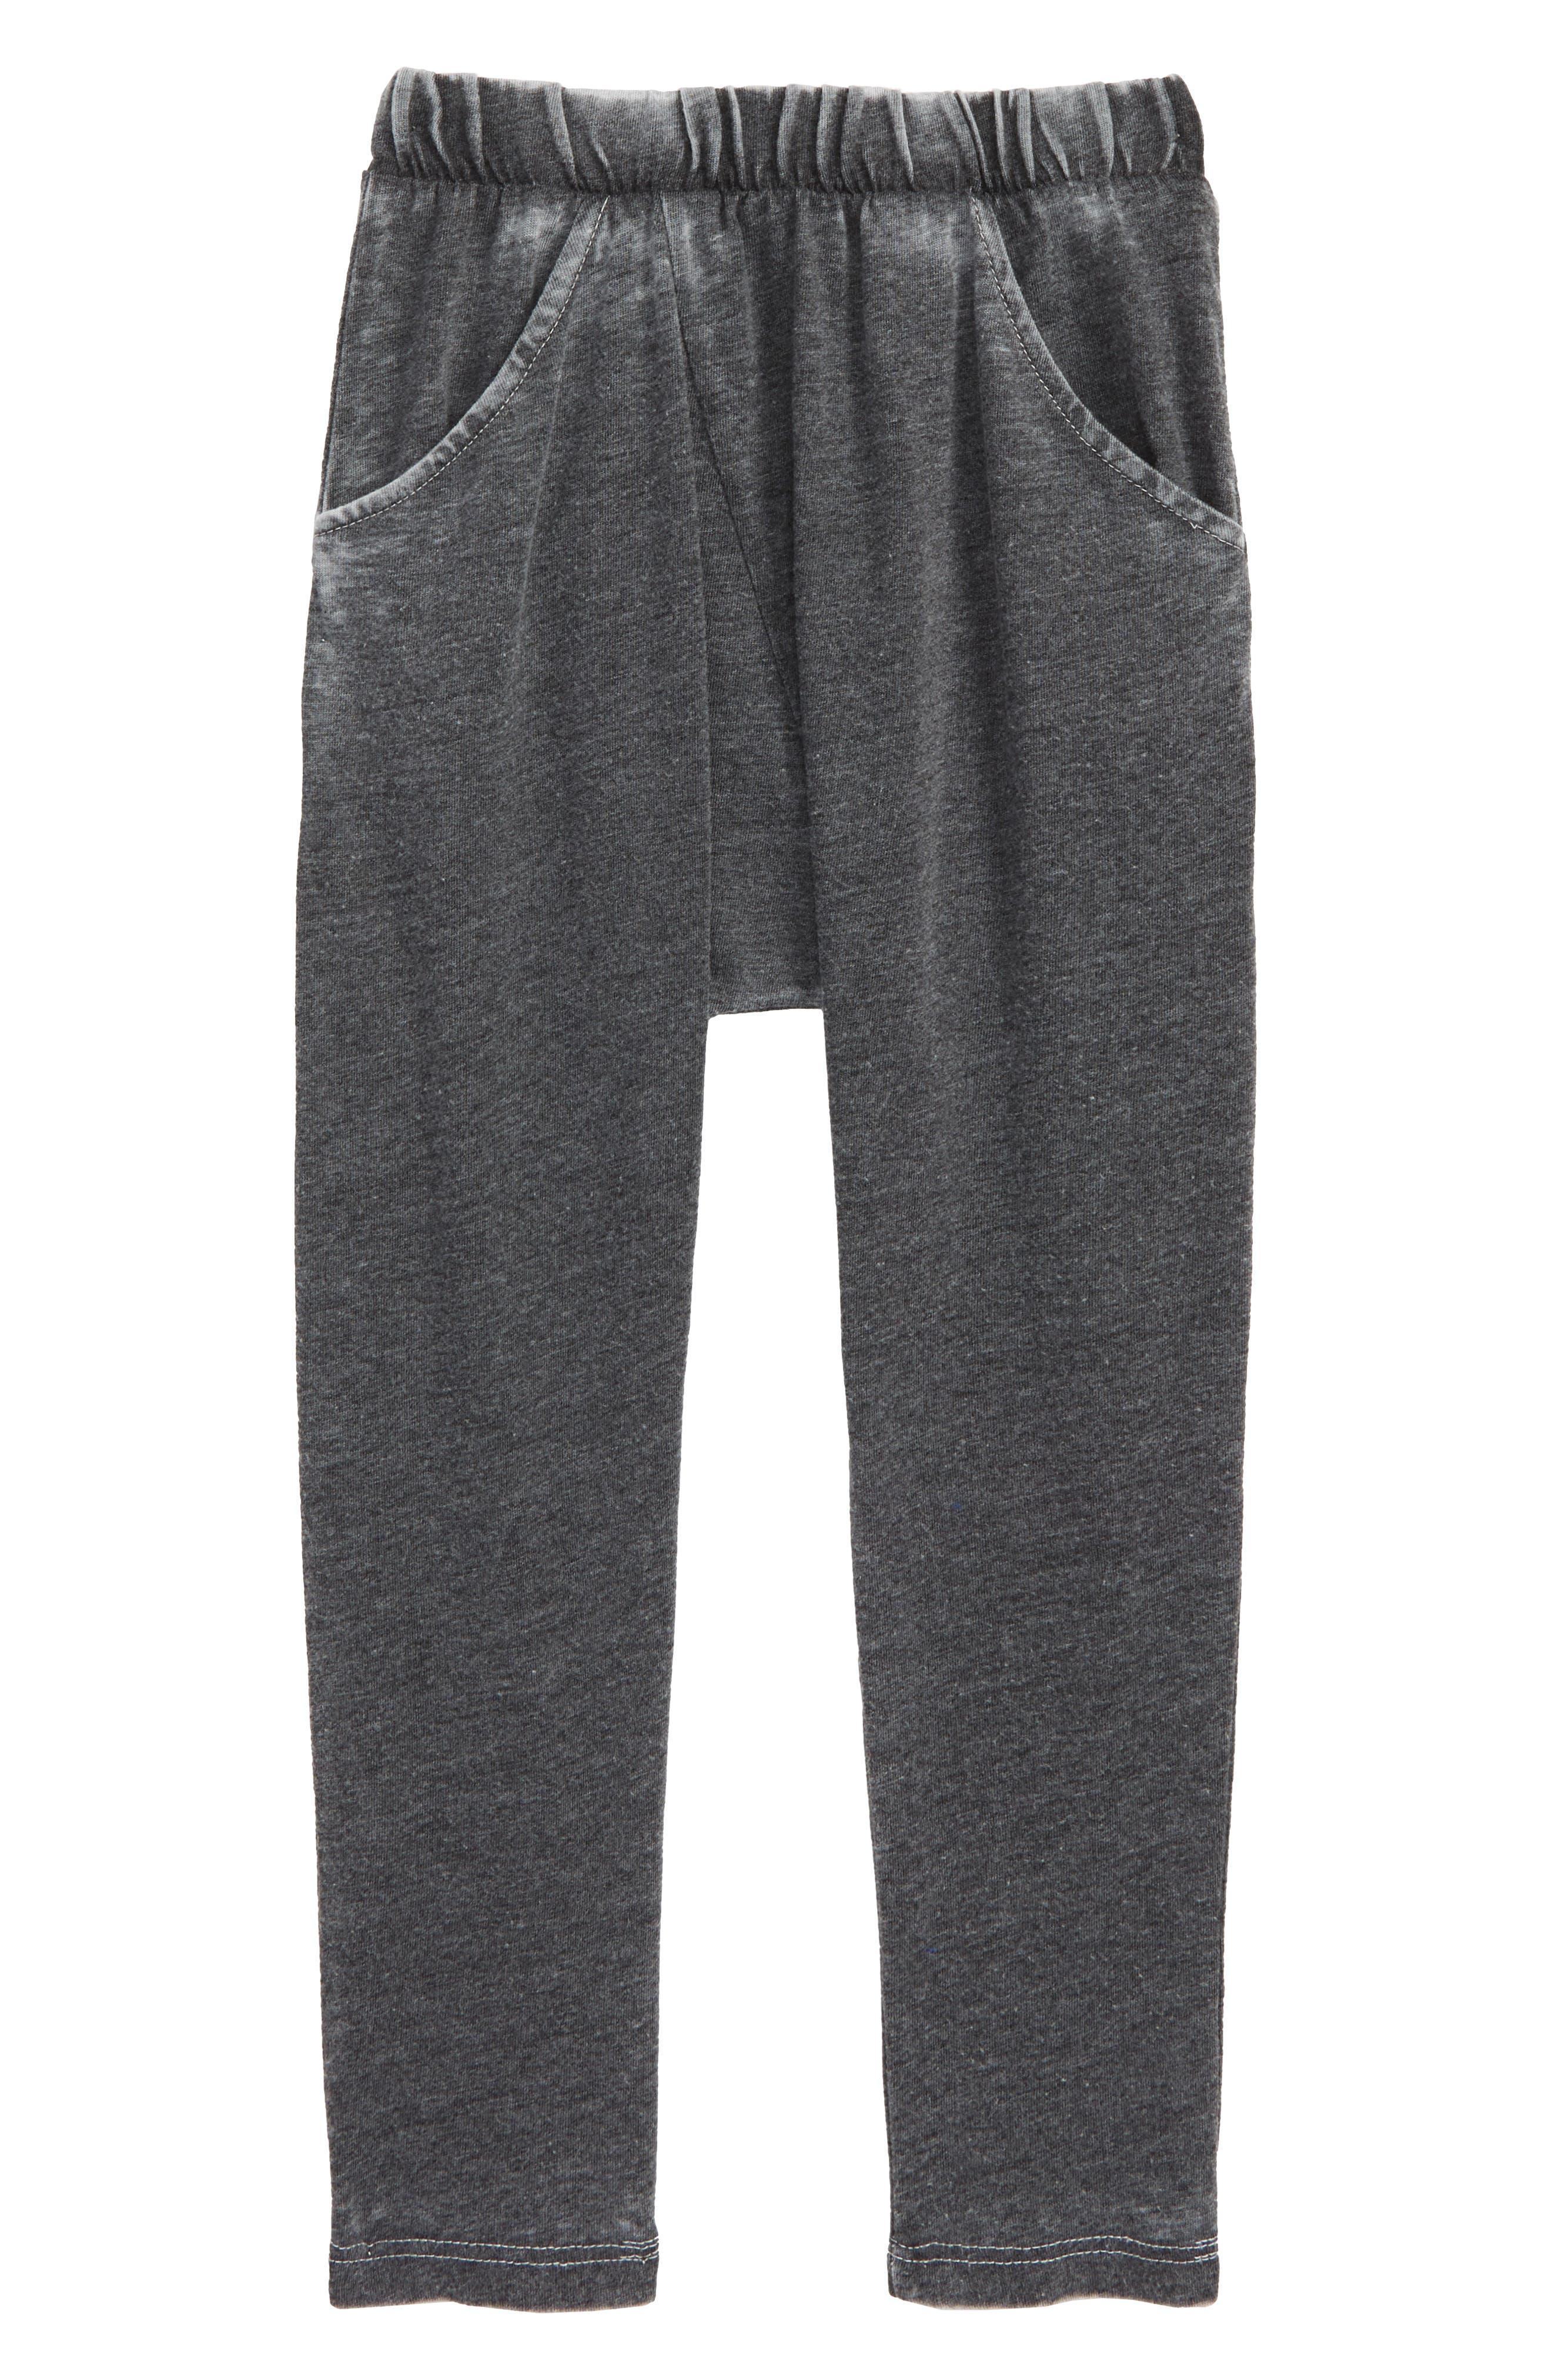 Burnout Harem Pants,                         Main,                         color, BLACK